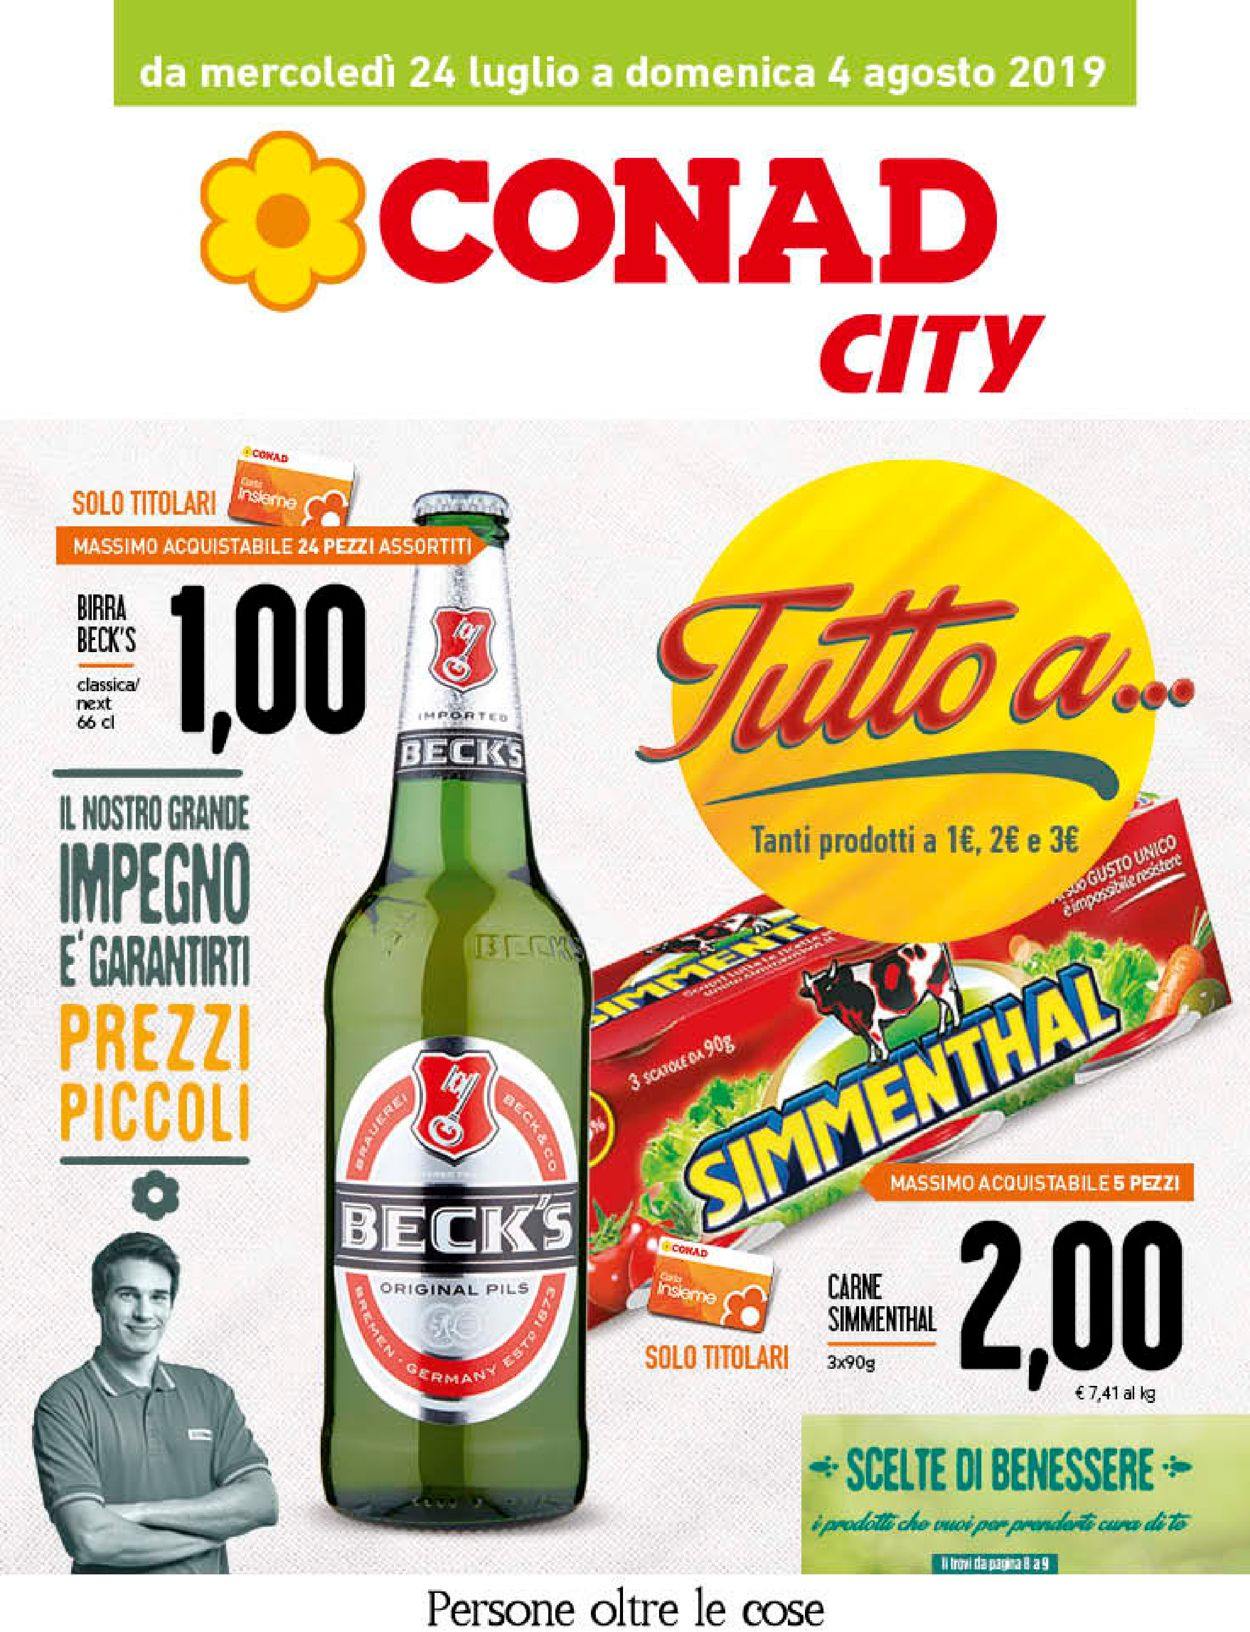 Volantino Conad - Offerte 24/07-04/08/2019